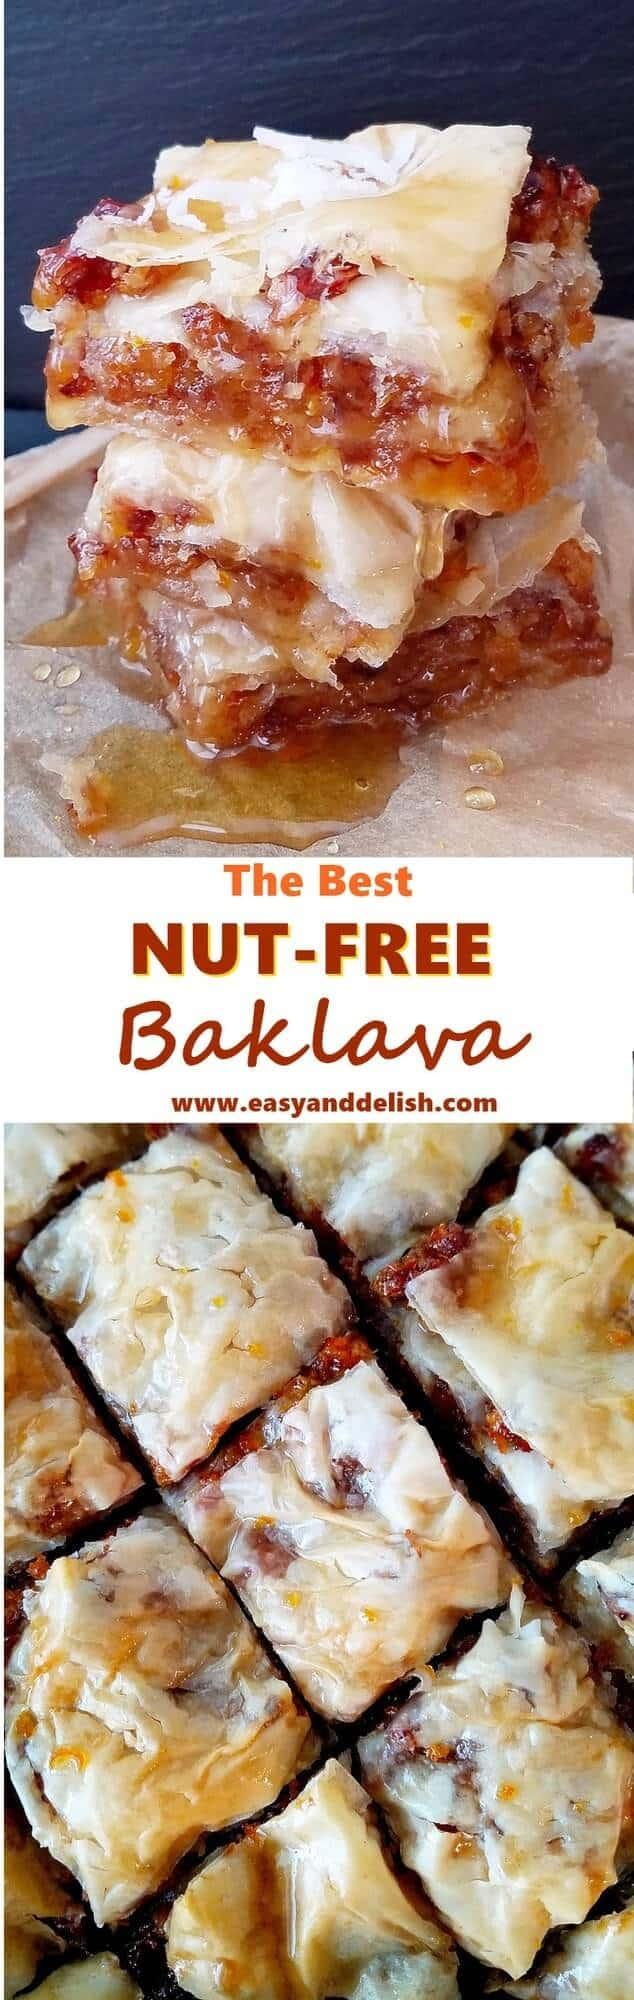 Nut-free-baklava